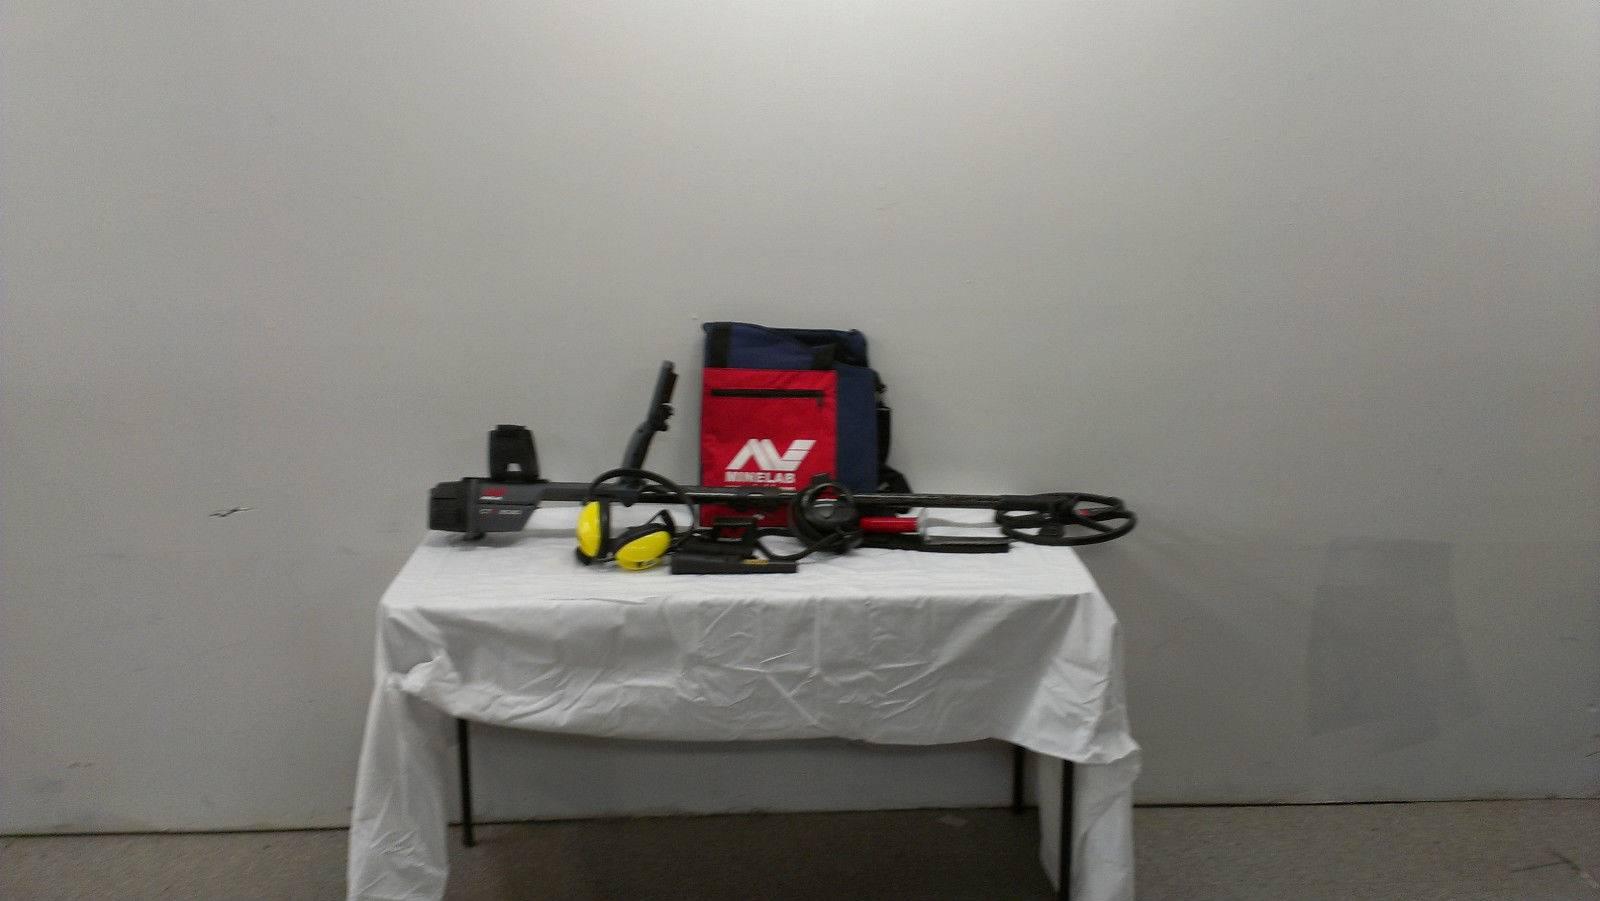 CTX 3030 Waterproff Metal Detector